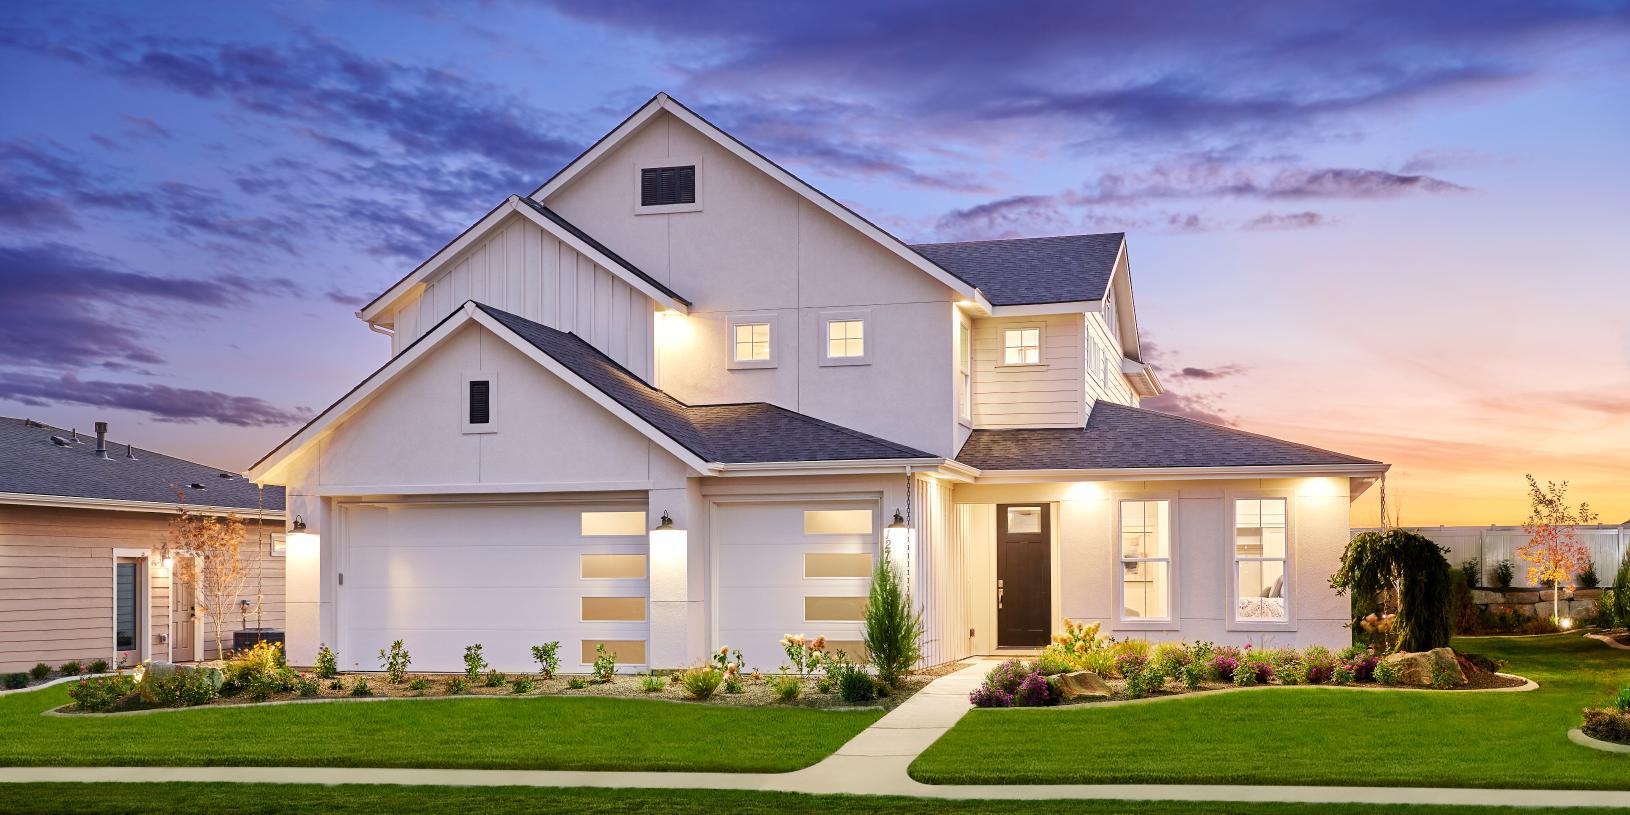 Sleek modern exteriors